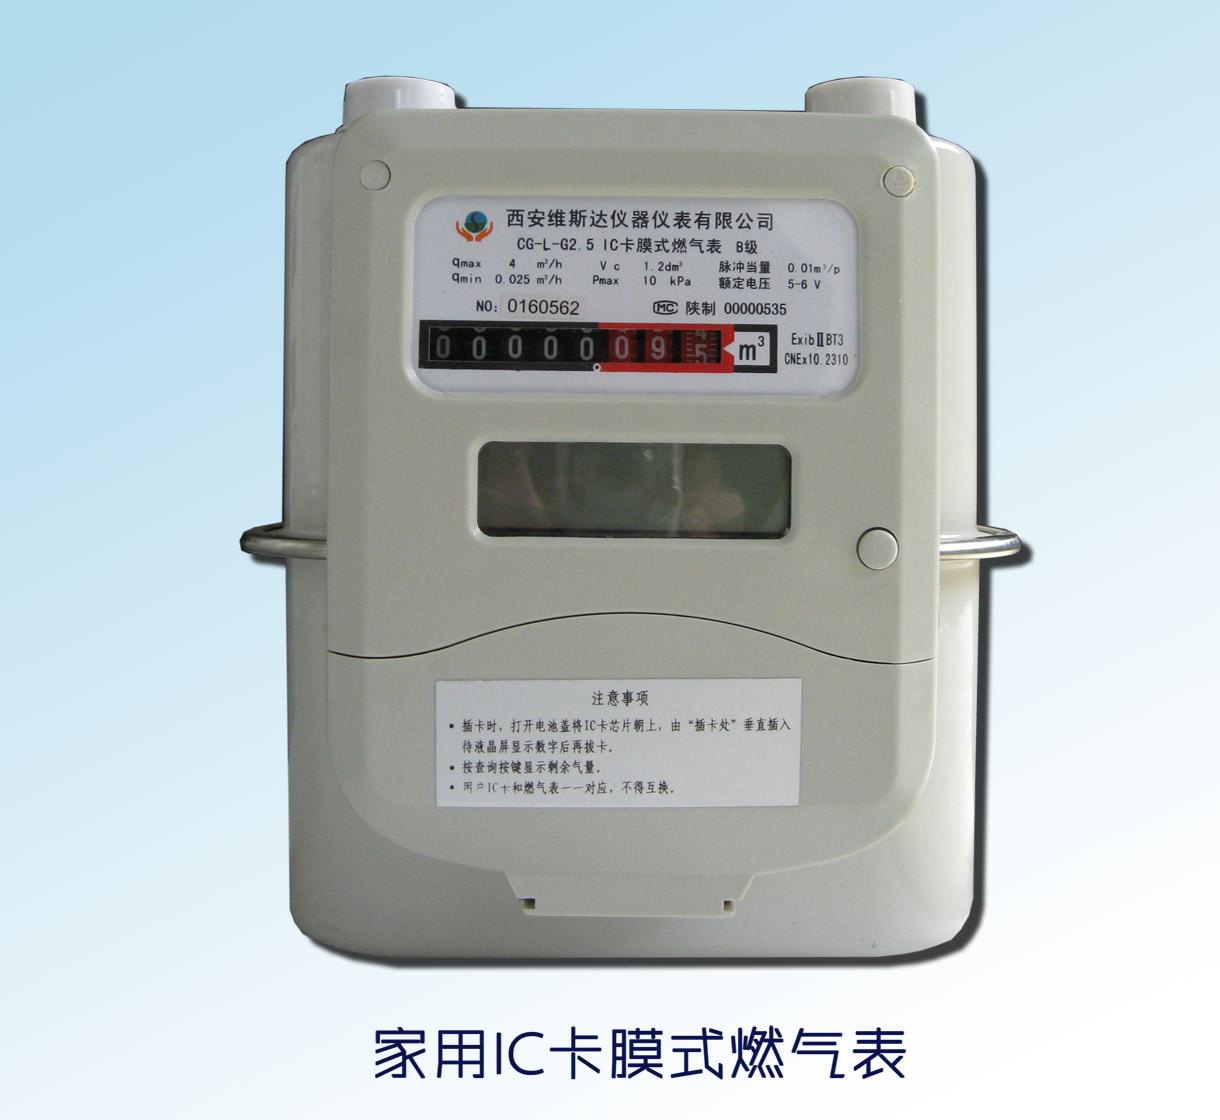 家用IC卡智能膜式燃气表